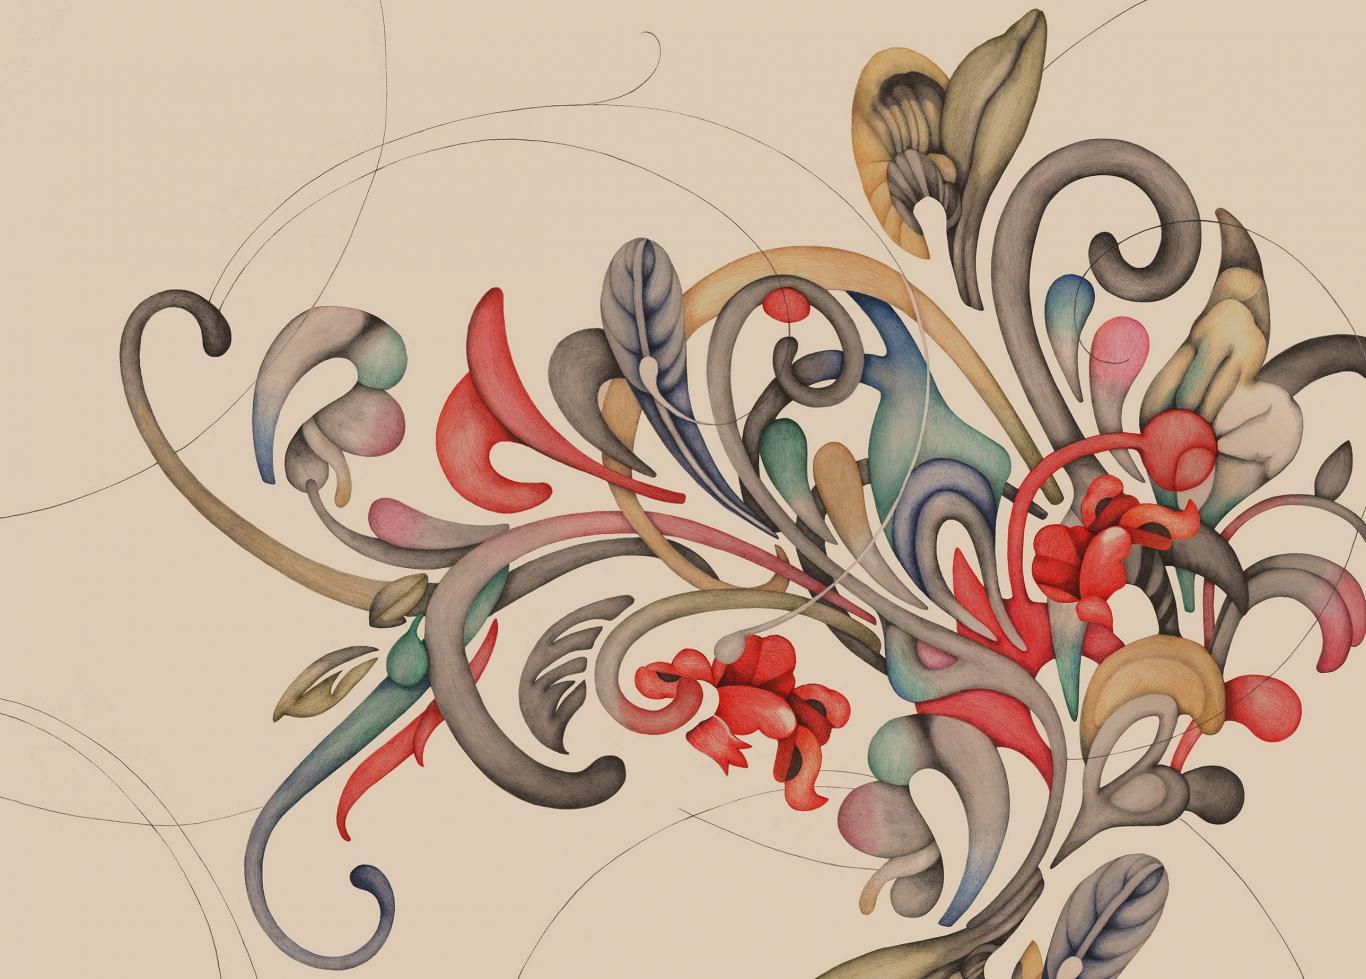 Dibujo de unos roleos a modo de plantas